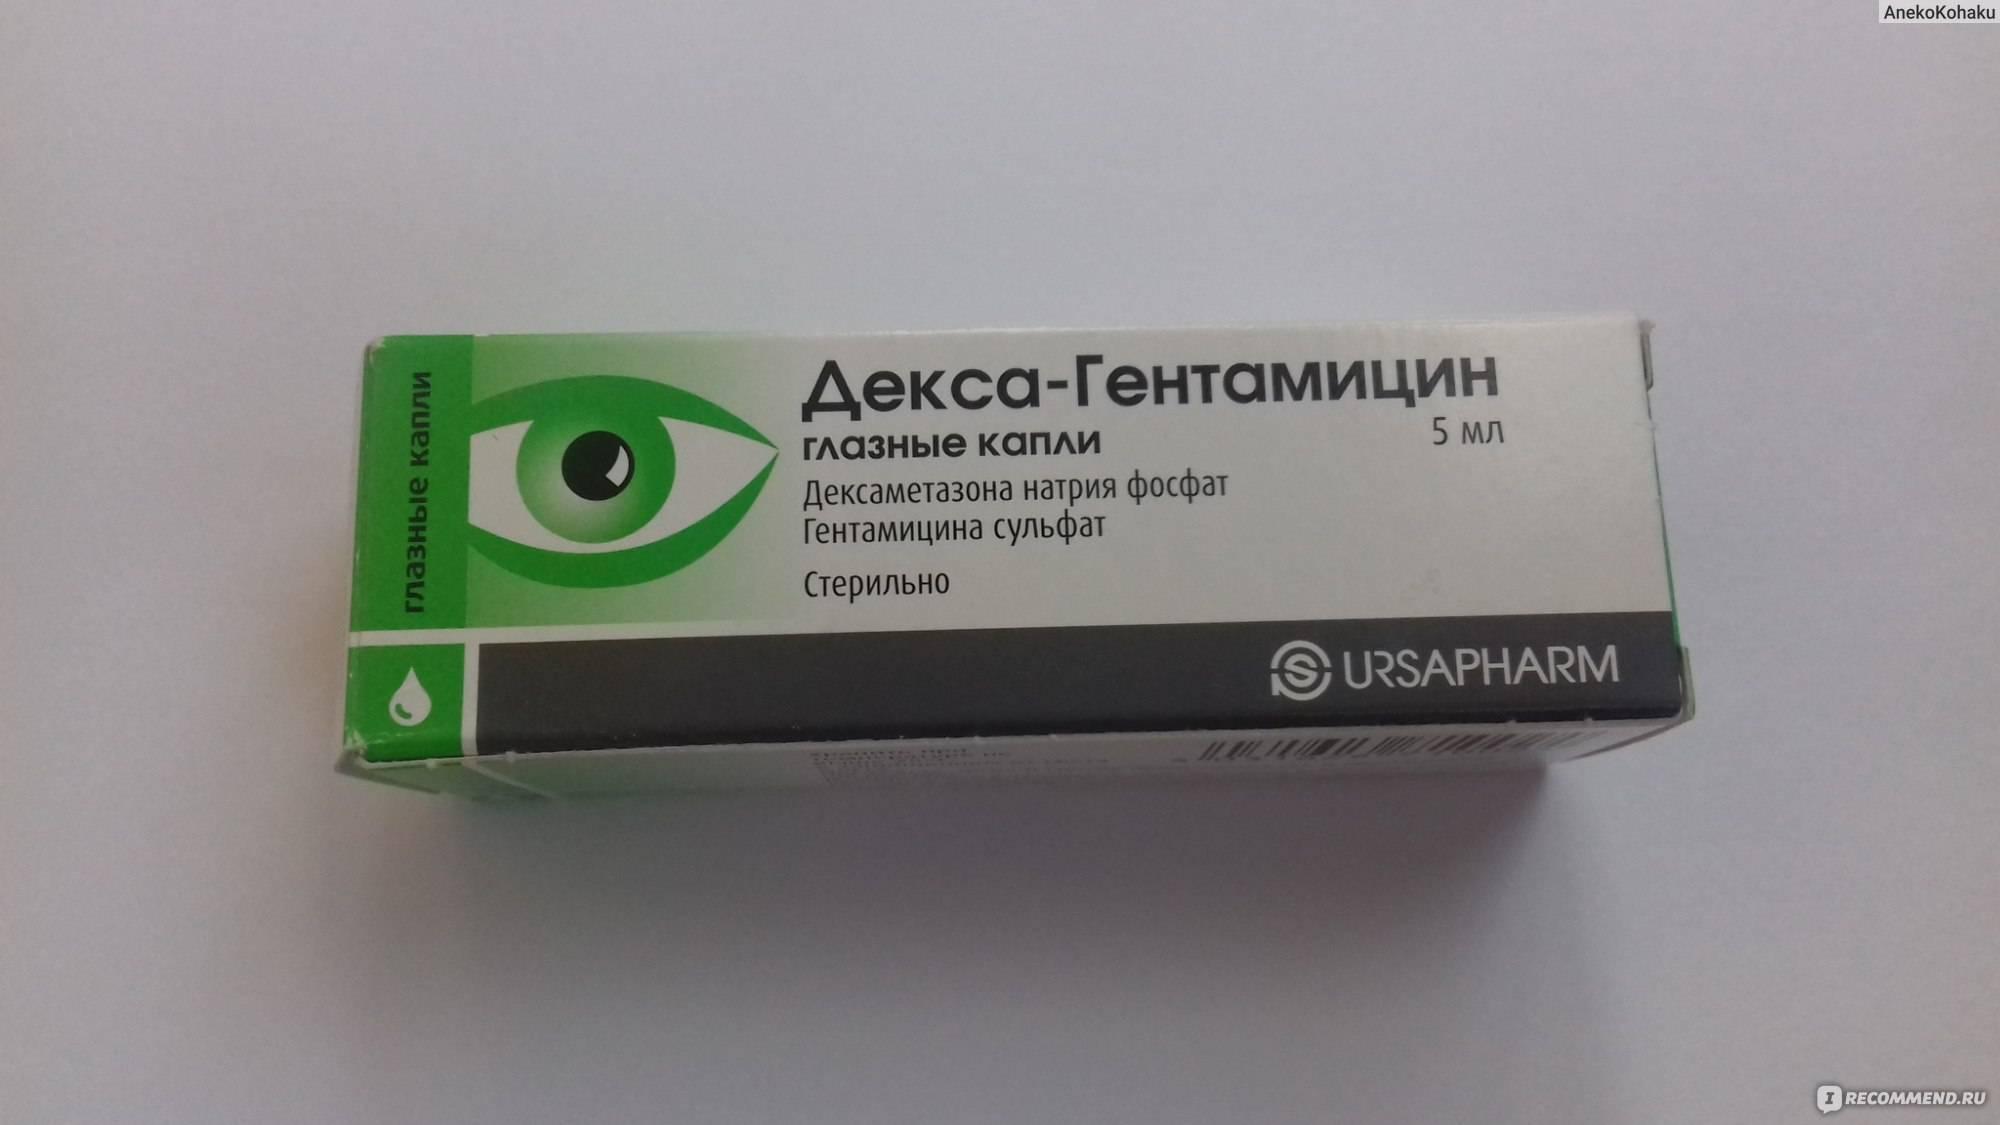 Глазные капли гентамицин – показания к применению, дозировка. антибиотик гентамицин – аналоги